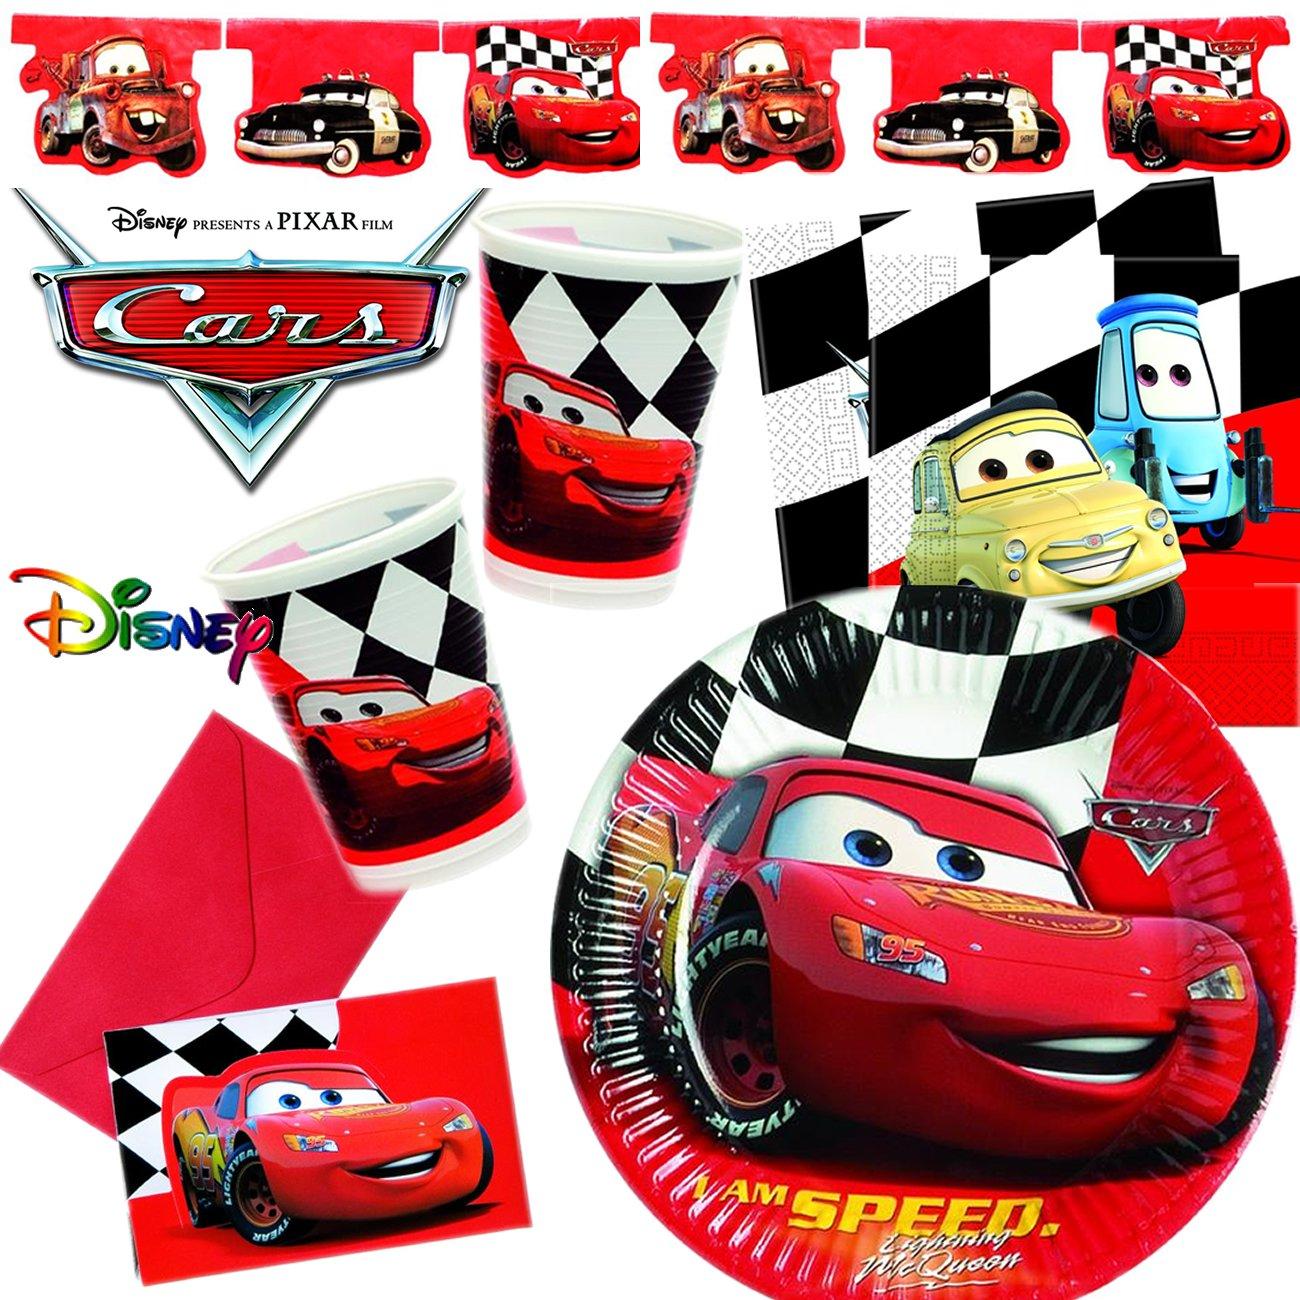 101 Teiliges CARS RED PARTY SET Für Kindergeburtstag Mit 6 10 Kinder:  Teller, Becher, Servietten, Einladungen, Wimpelkette, Luftballons, ...